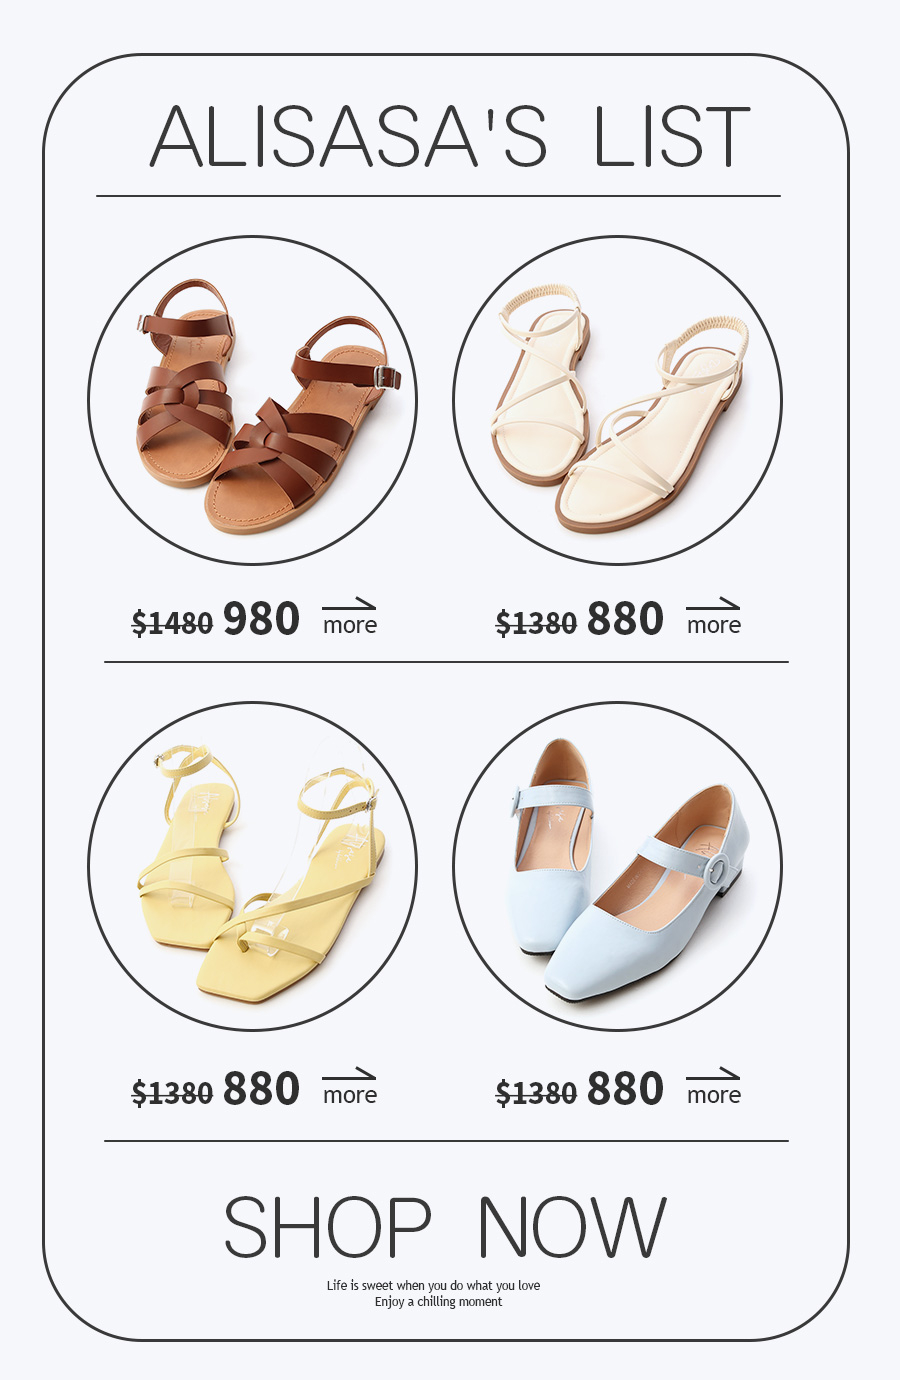 愛莉莎莎Alisasa聯名鞋款 涼鞋 瑪莉珍鞋 編織涼鞋 細帶涼鞋